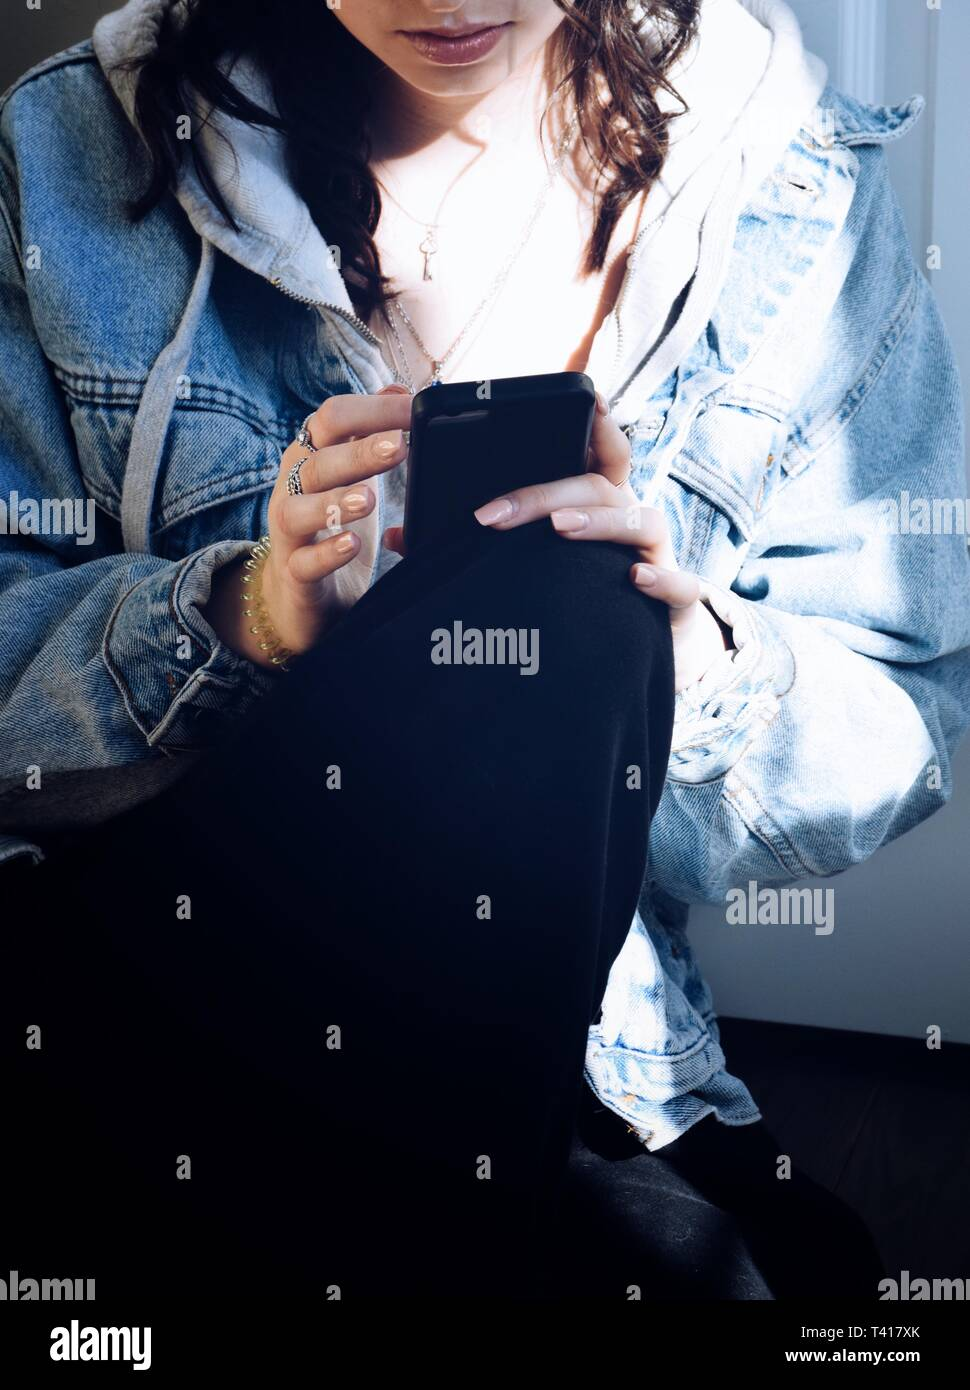 Teenager-Mädchen mit einem Mobiltelefon Stockfoto